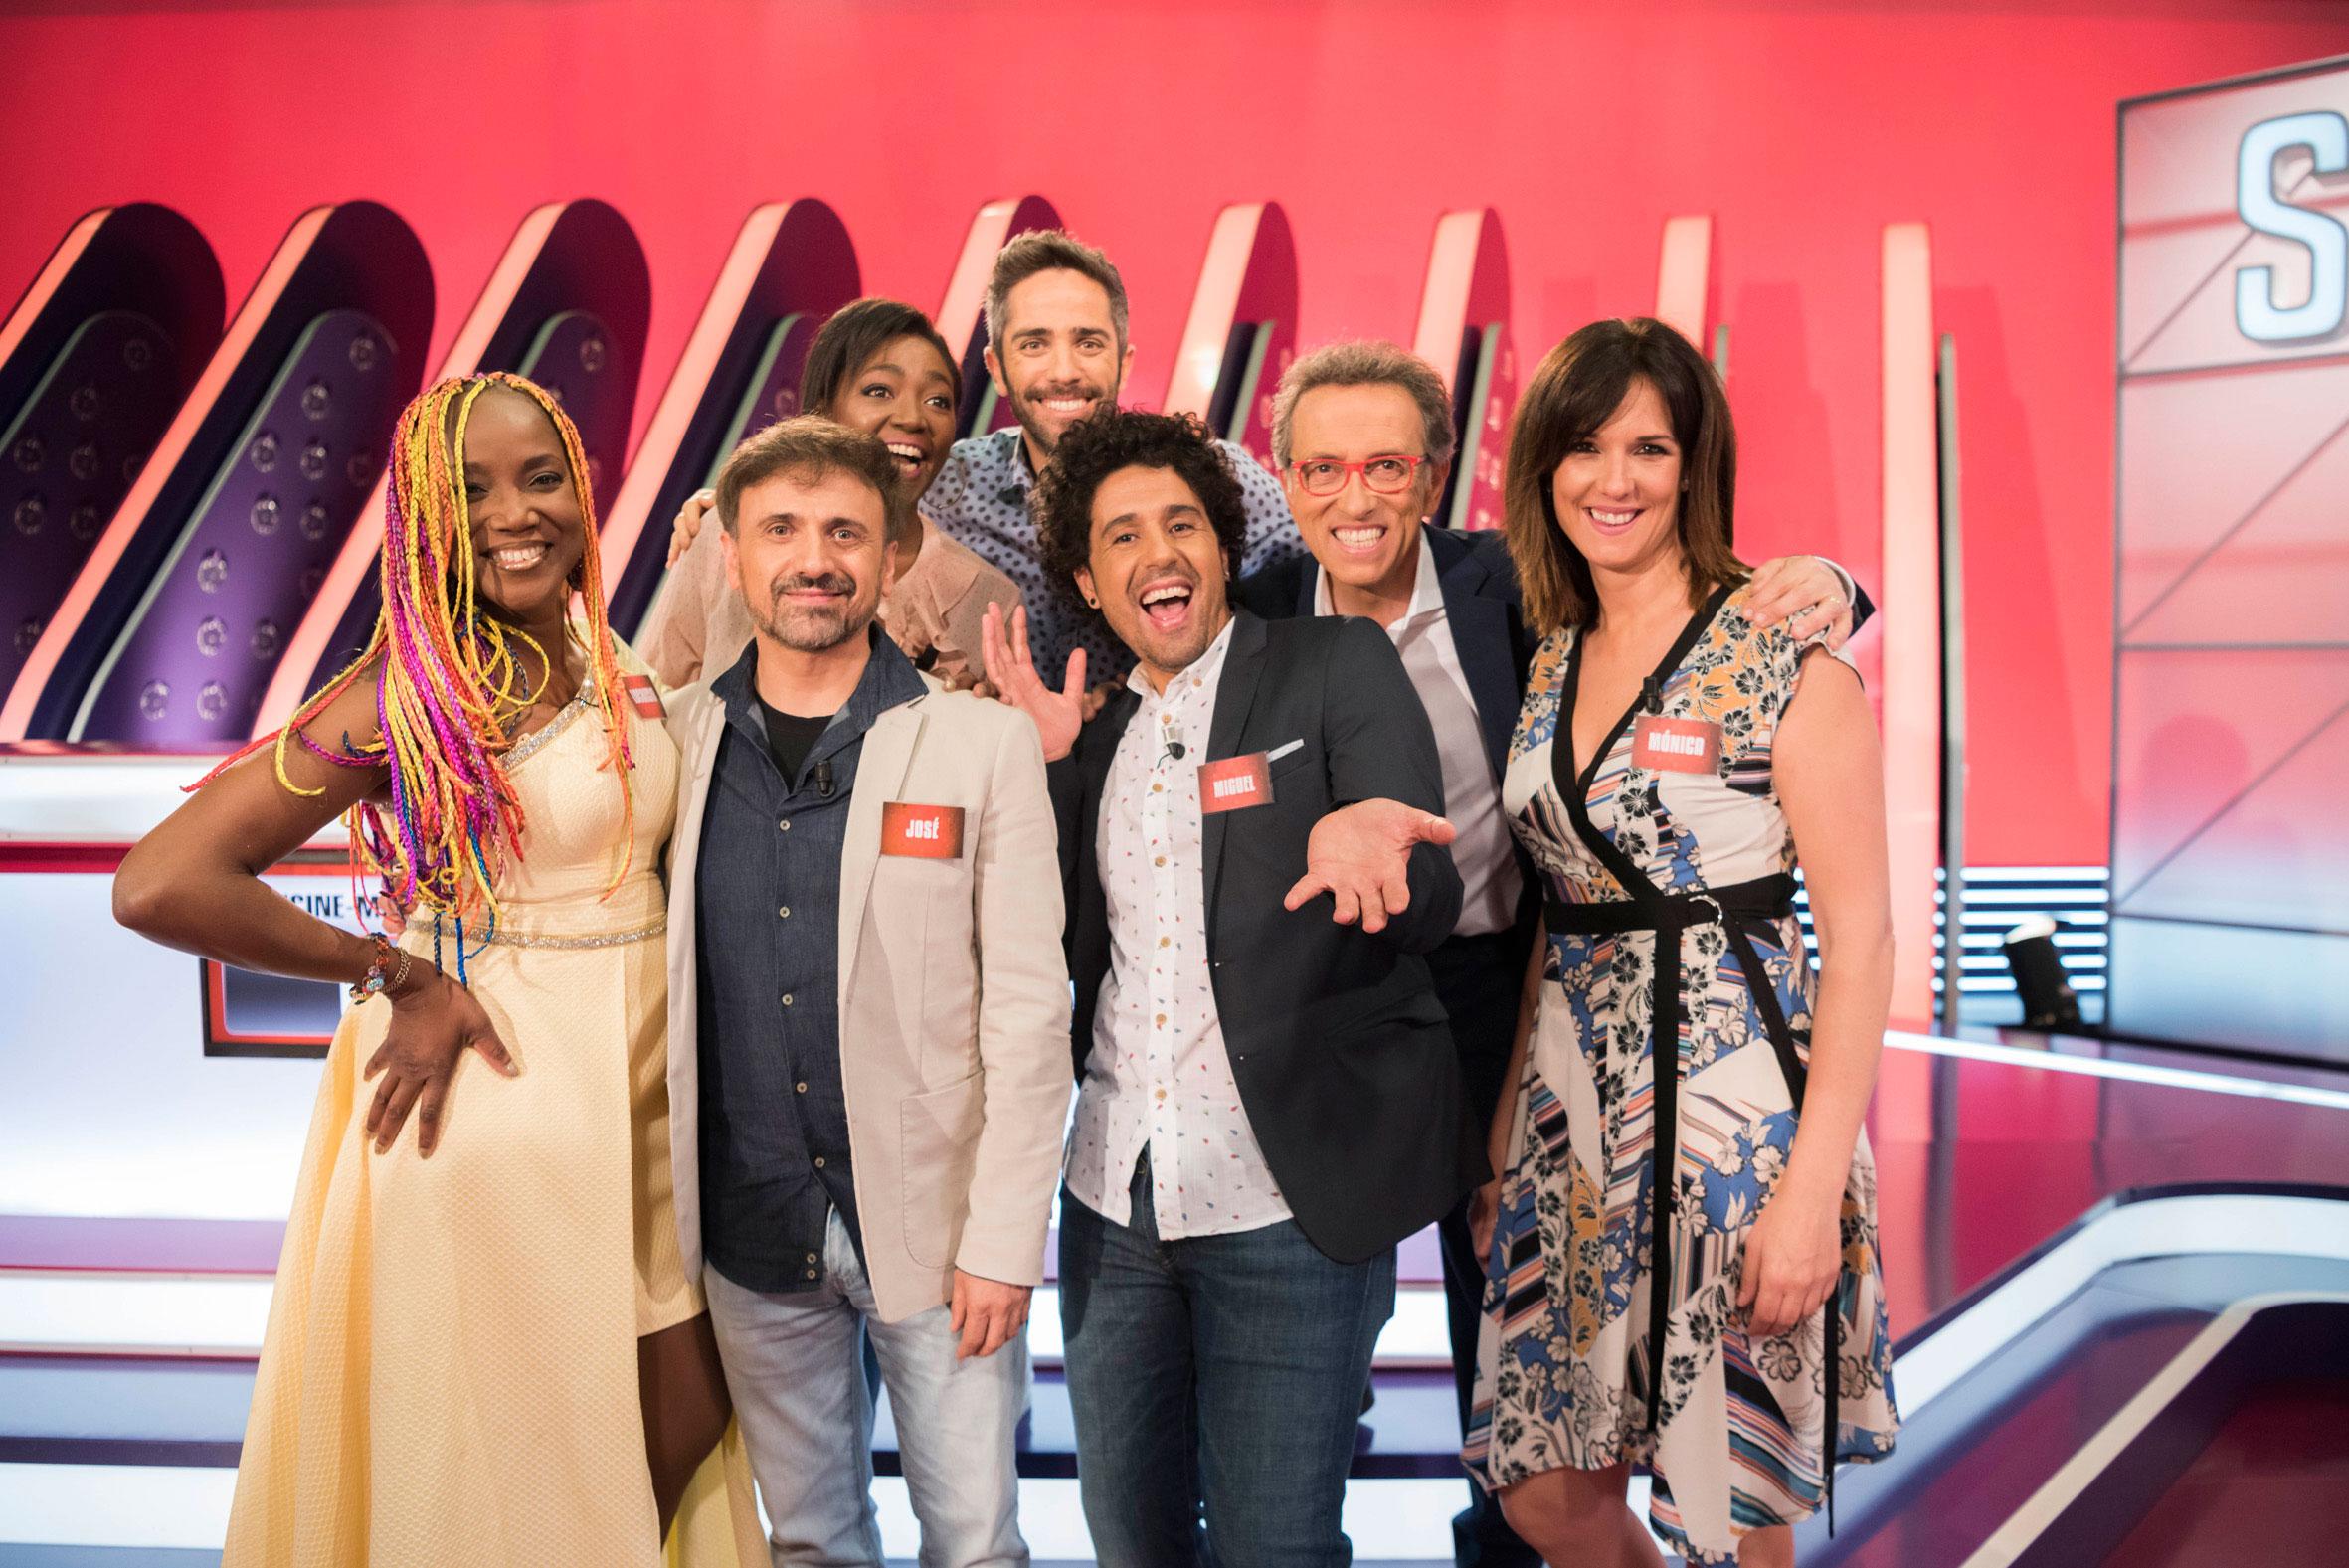 Roberto Leal, Mònica López, Francine Gálvez, Miguelillo, Lucrecia y José Mota, en el programa 5000 de Saber y ganar